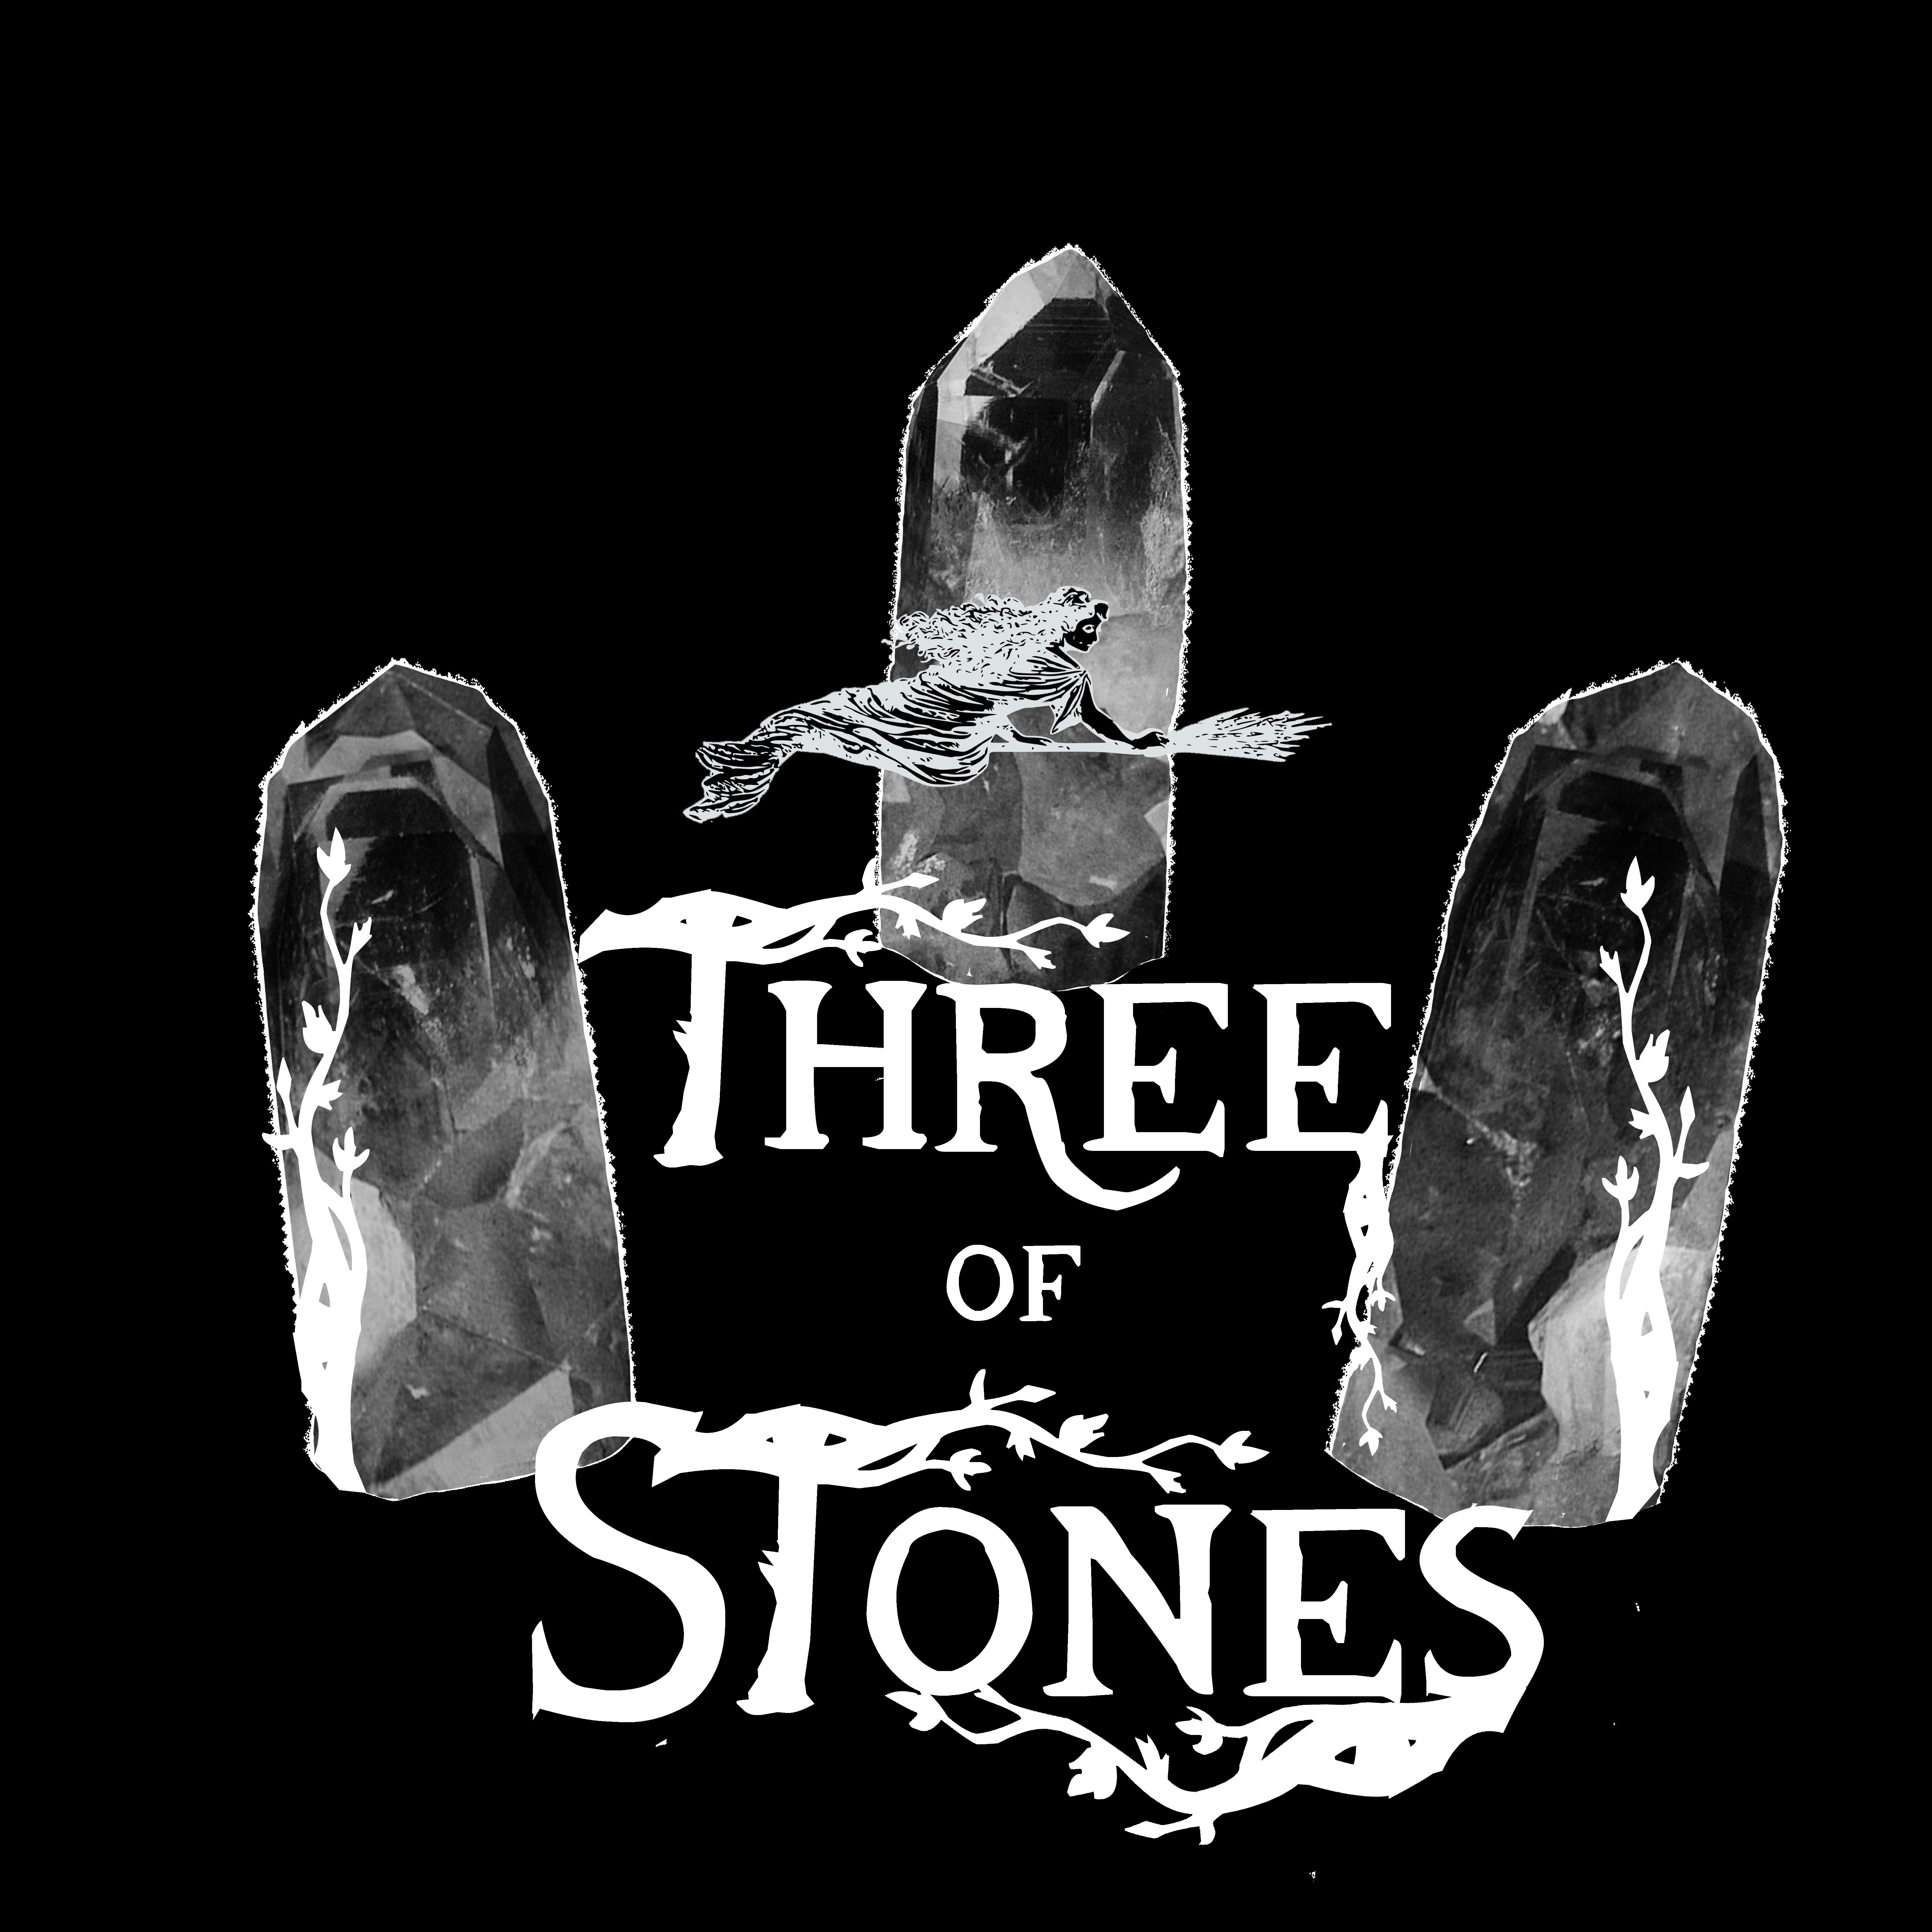 3 OF STONES